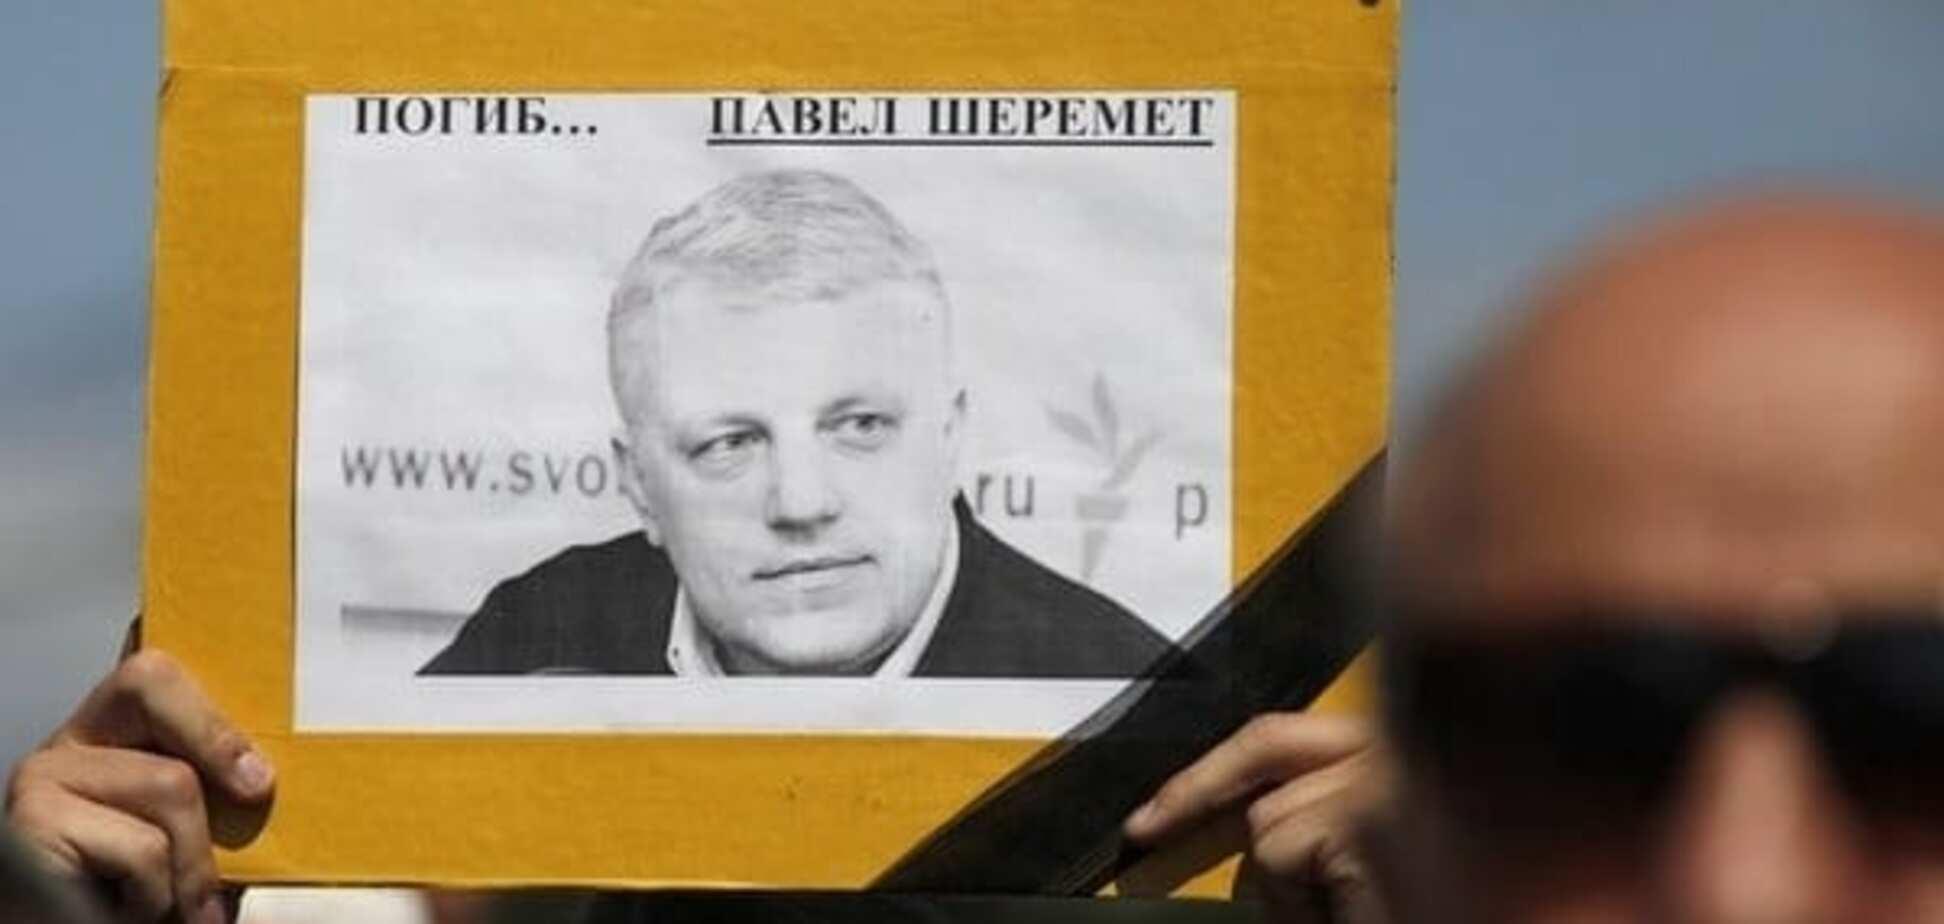 У МВС заявили, що навмисно замовчують інформацію у справі Шеремета